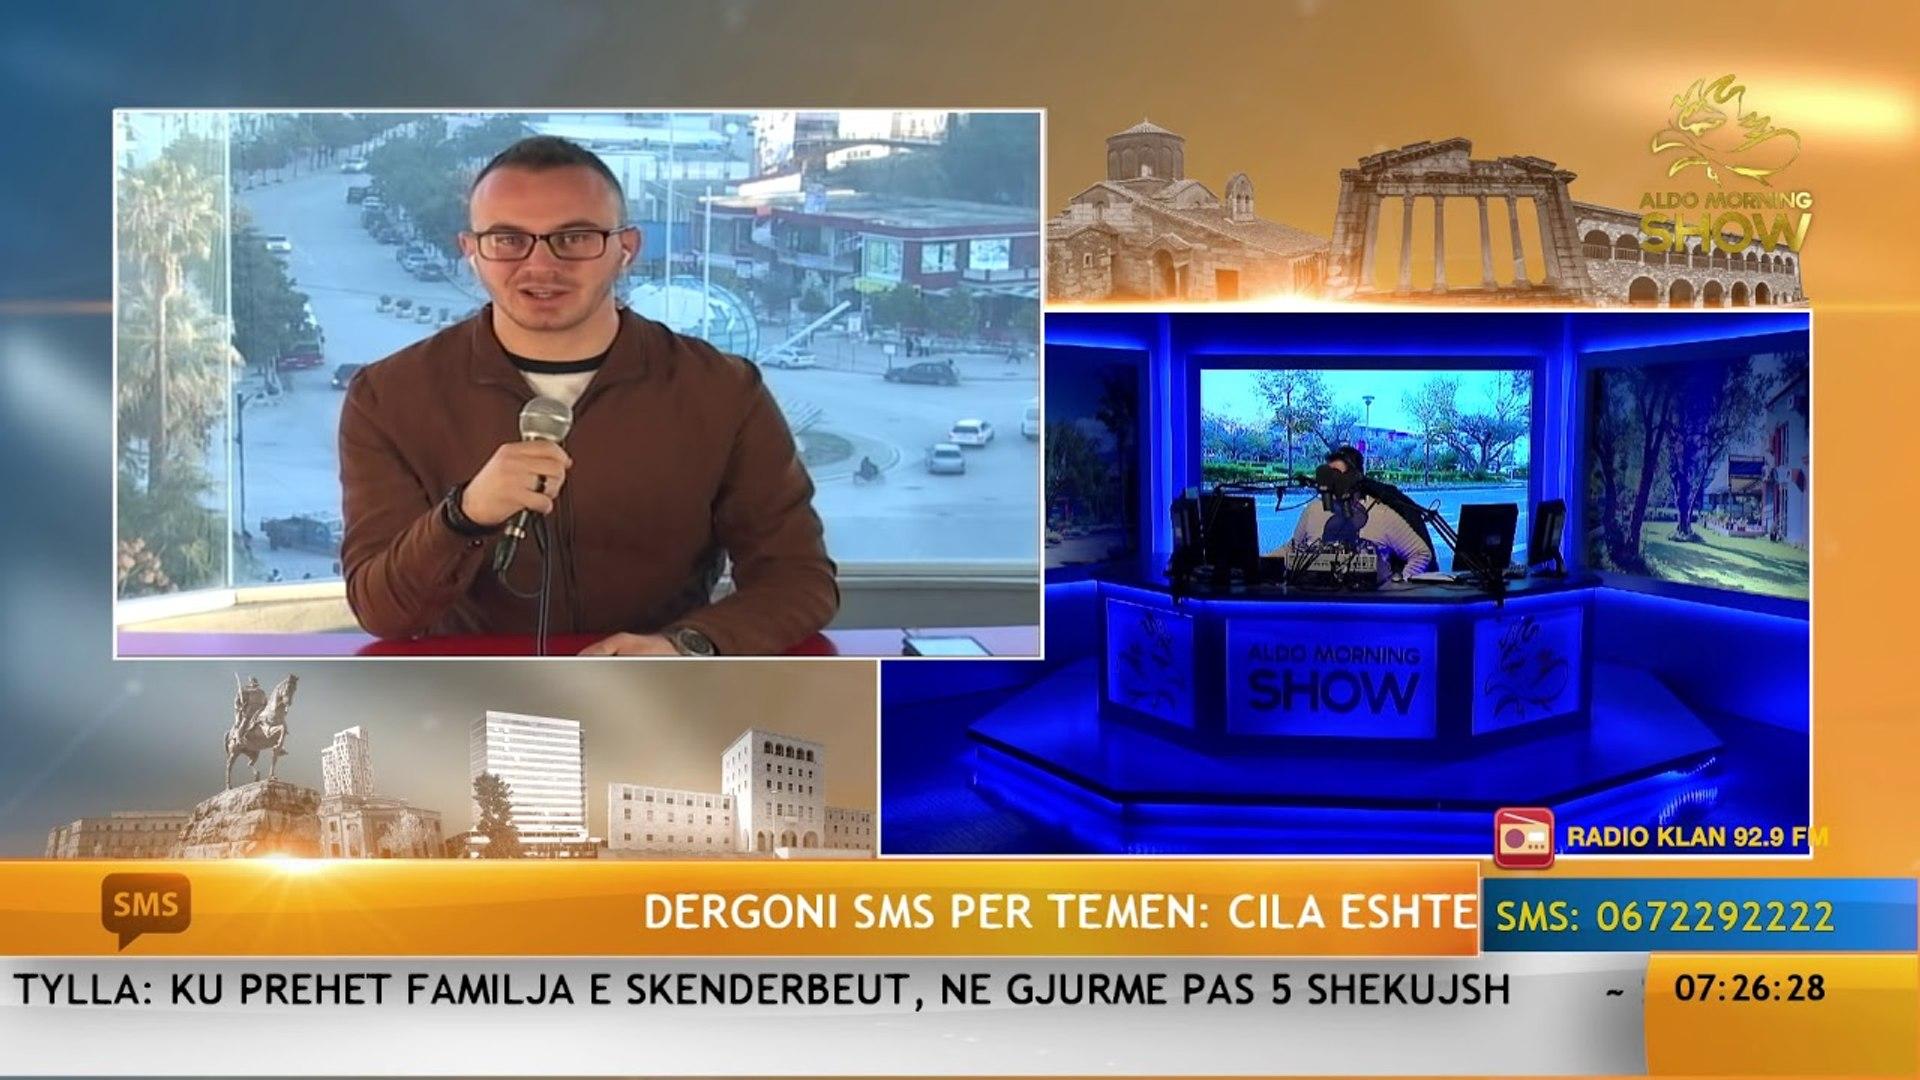 Aldo Morning Show/ Berti nga Gjirokastra: Me la gruaja, me tradhetoi me nje grek (25.01.2018)